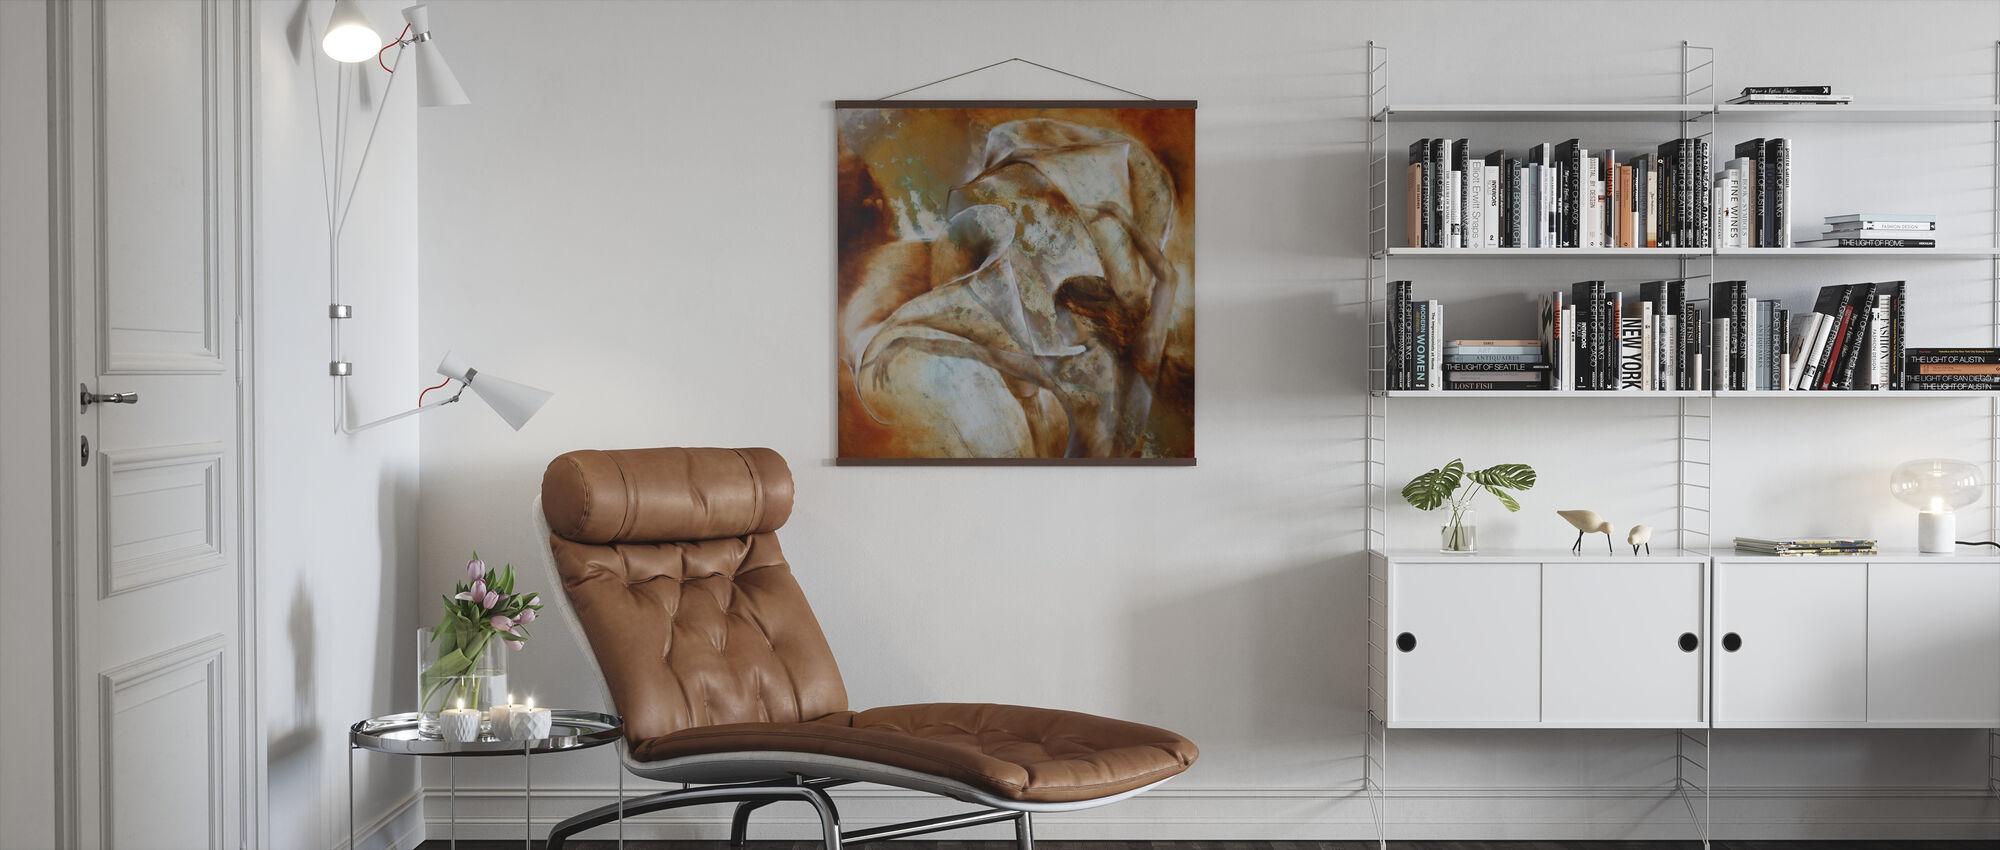 Allegro - Poster - Living Room